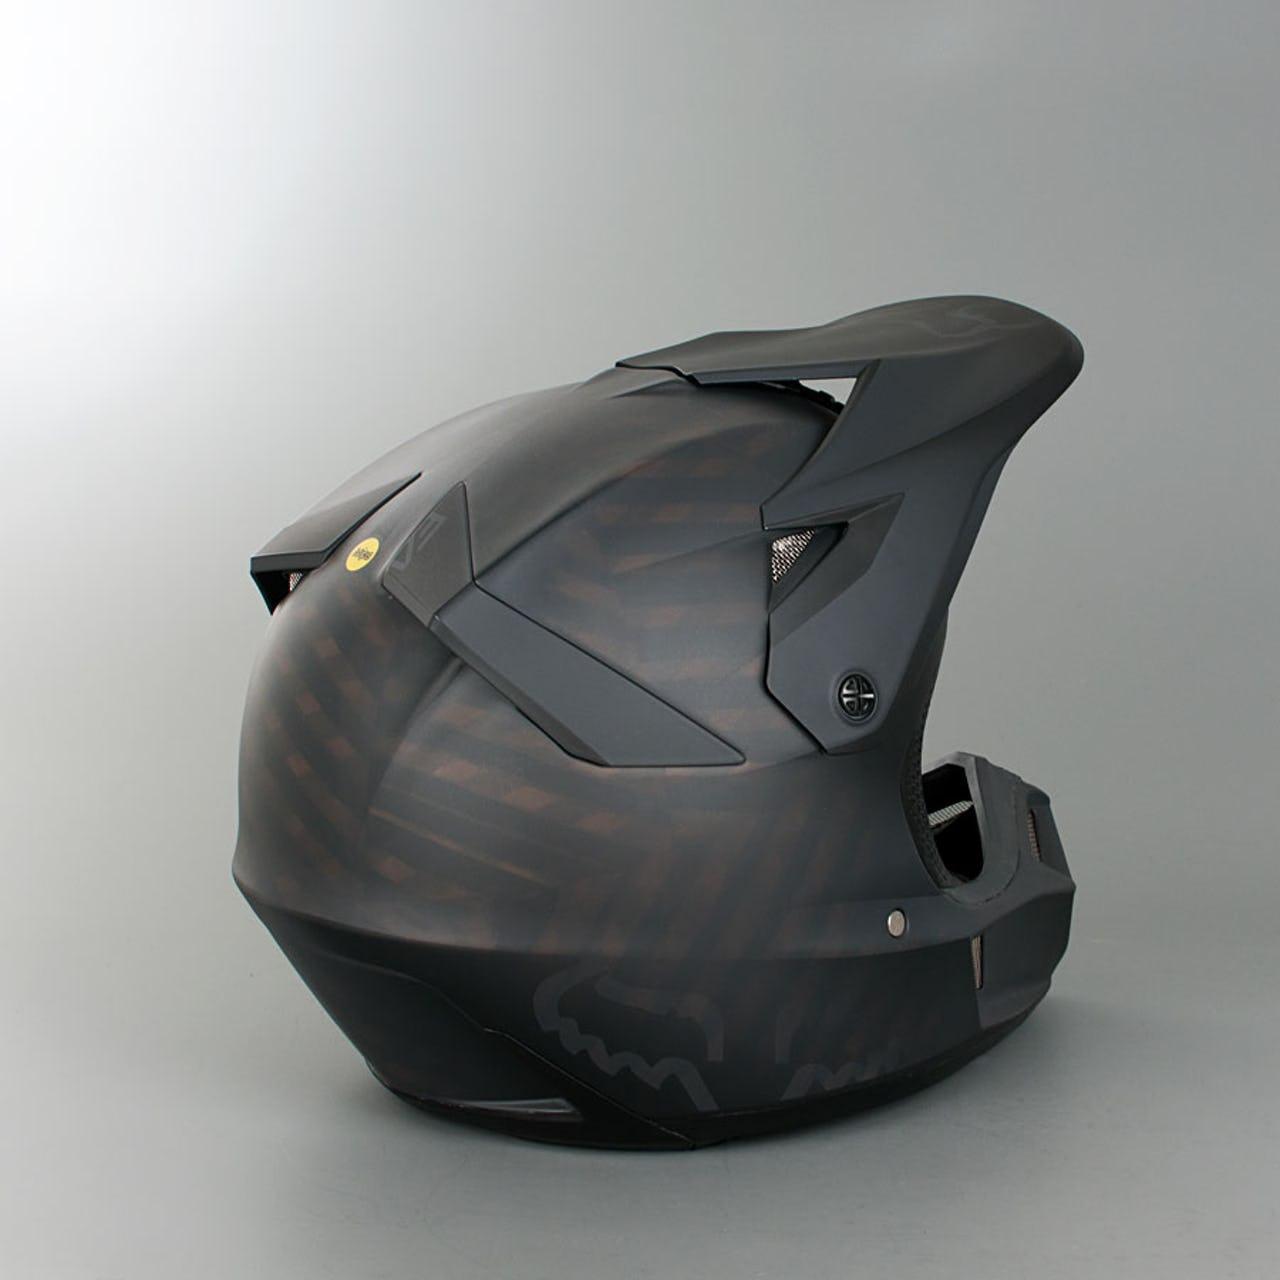 Casque moto cross fox noir mat